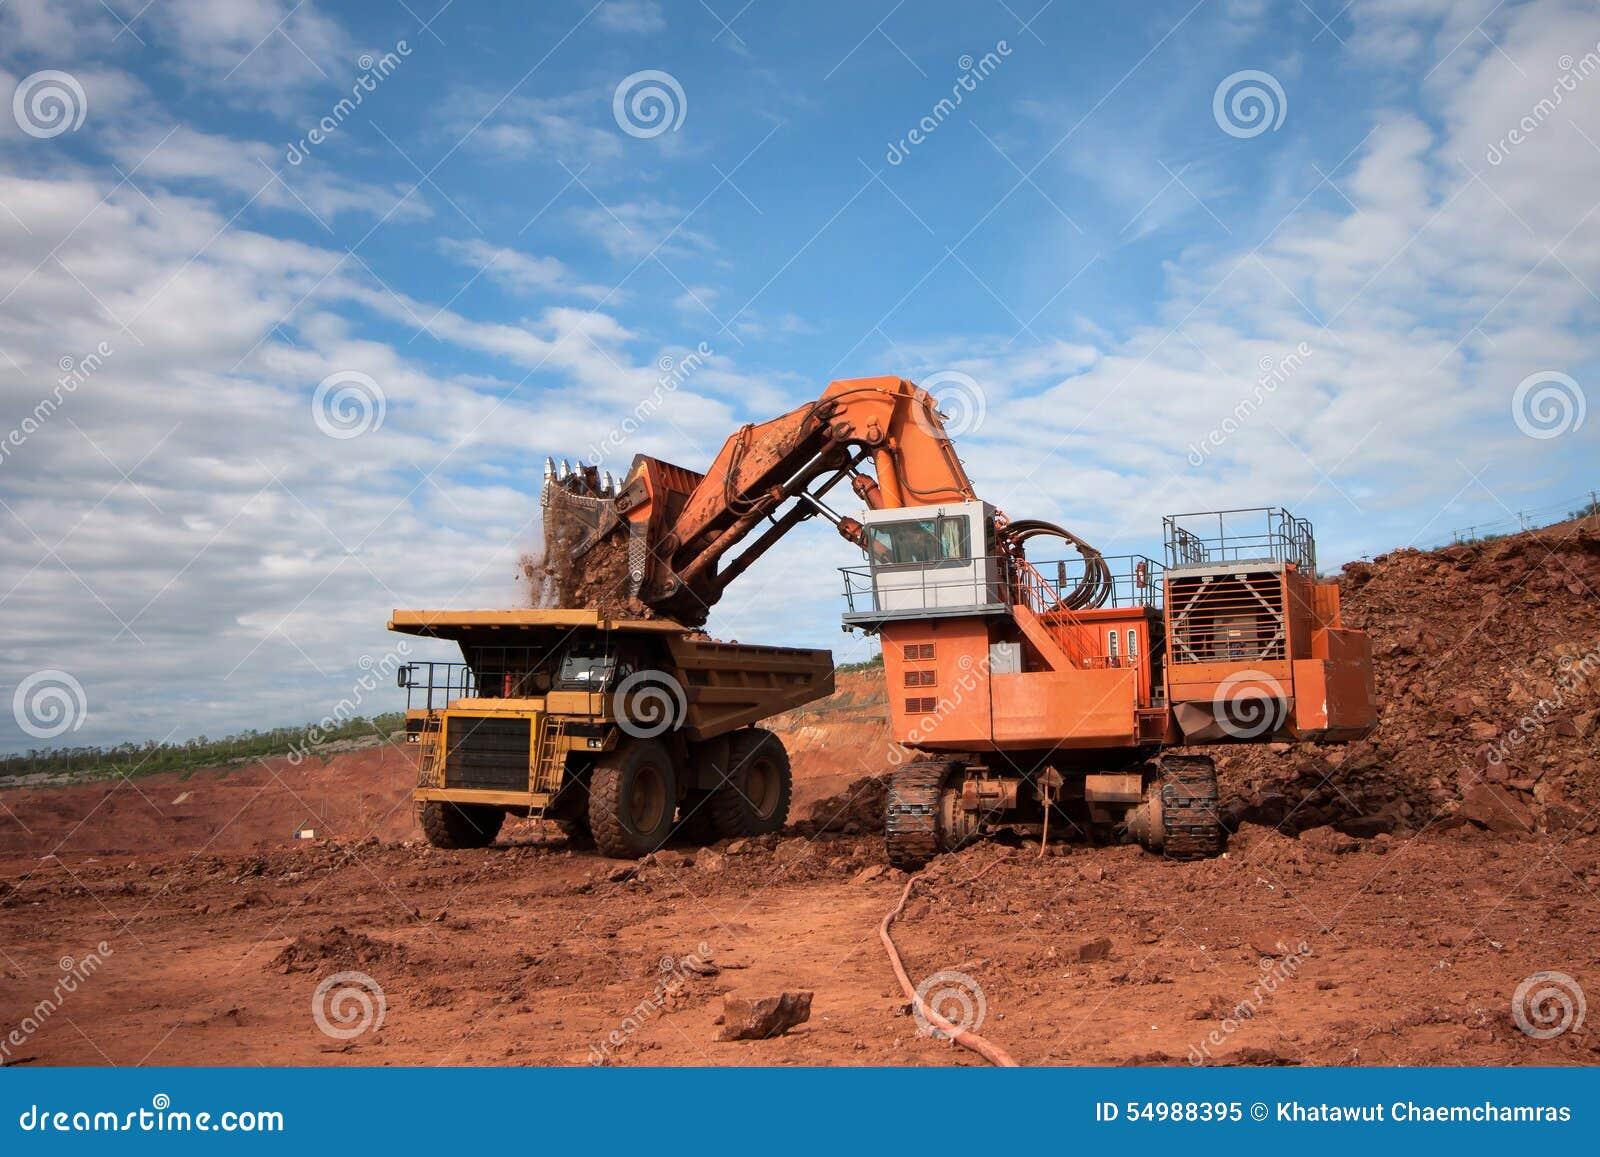 Il camion sta caricando con minerale metallifero ad un sito della miniera